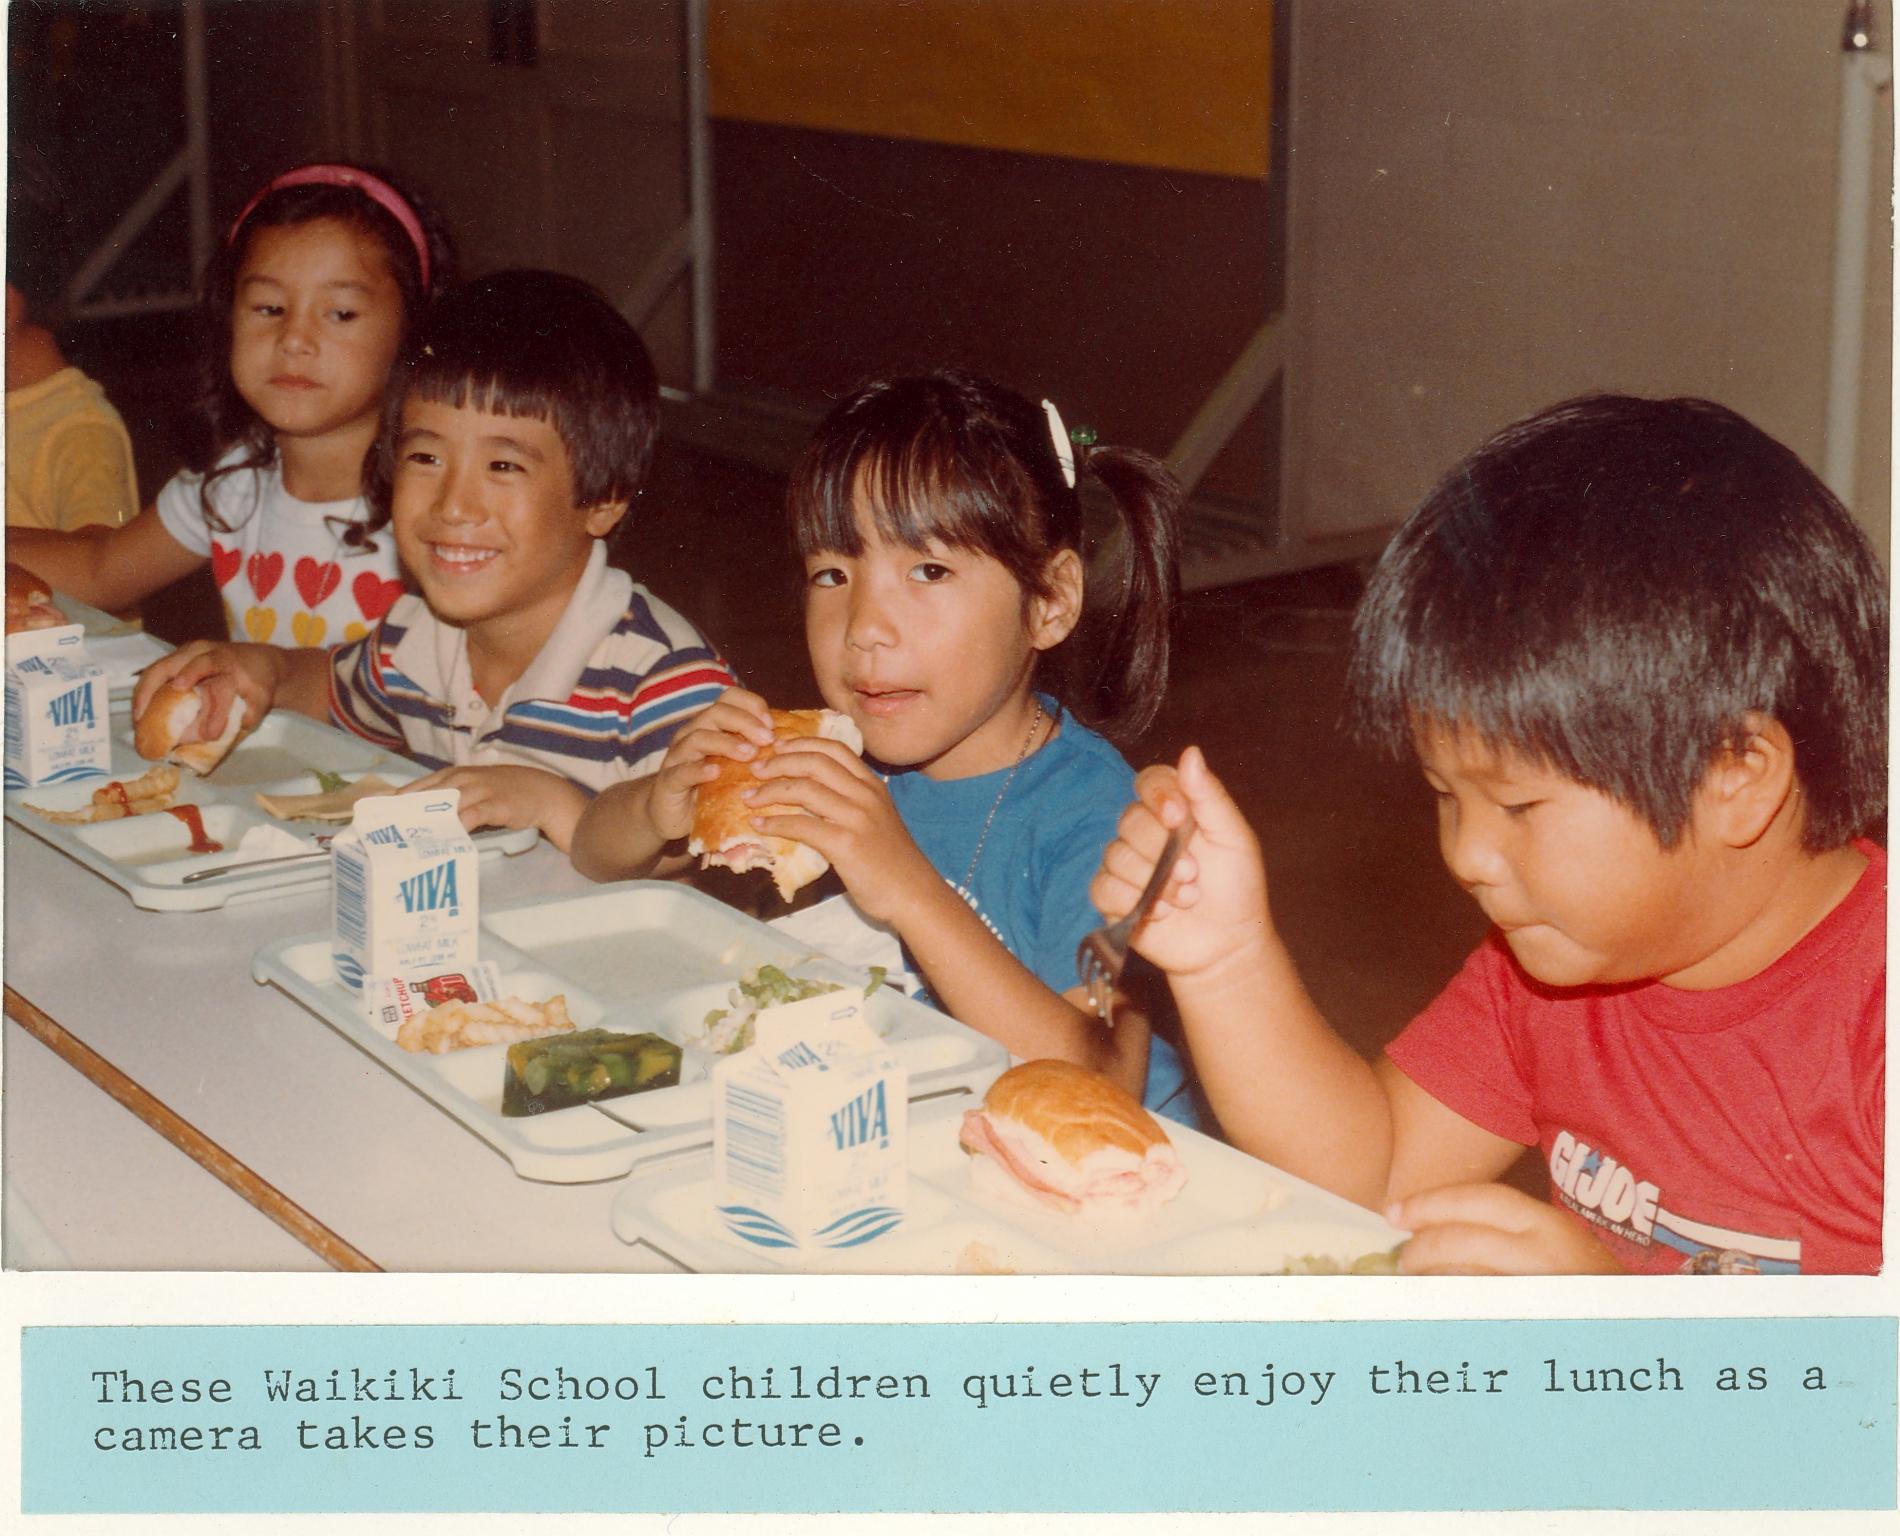 Waikiki Schoolchildren